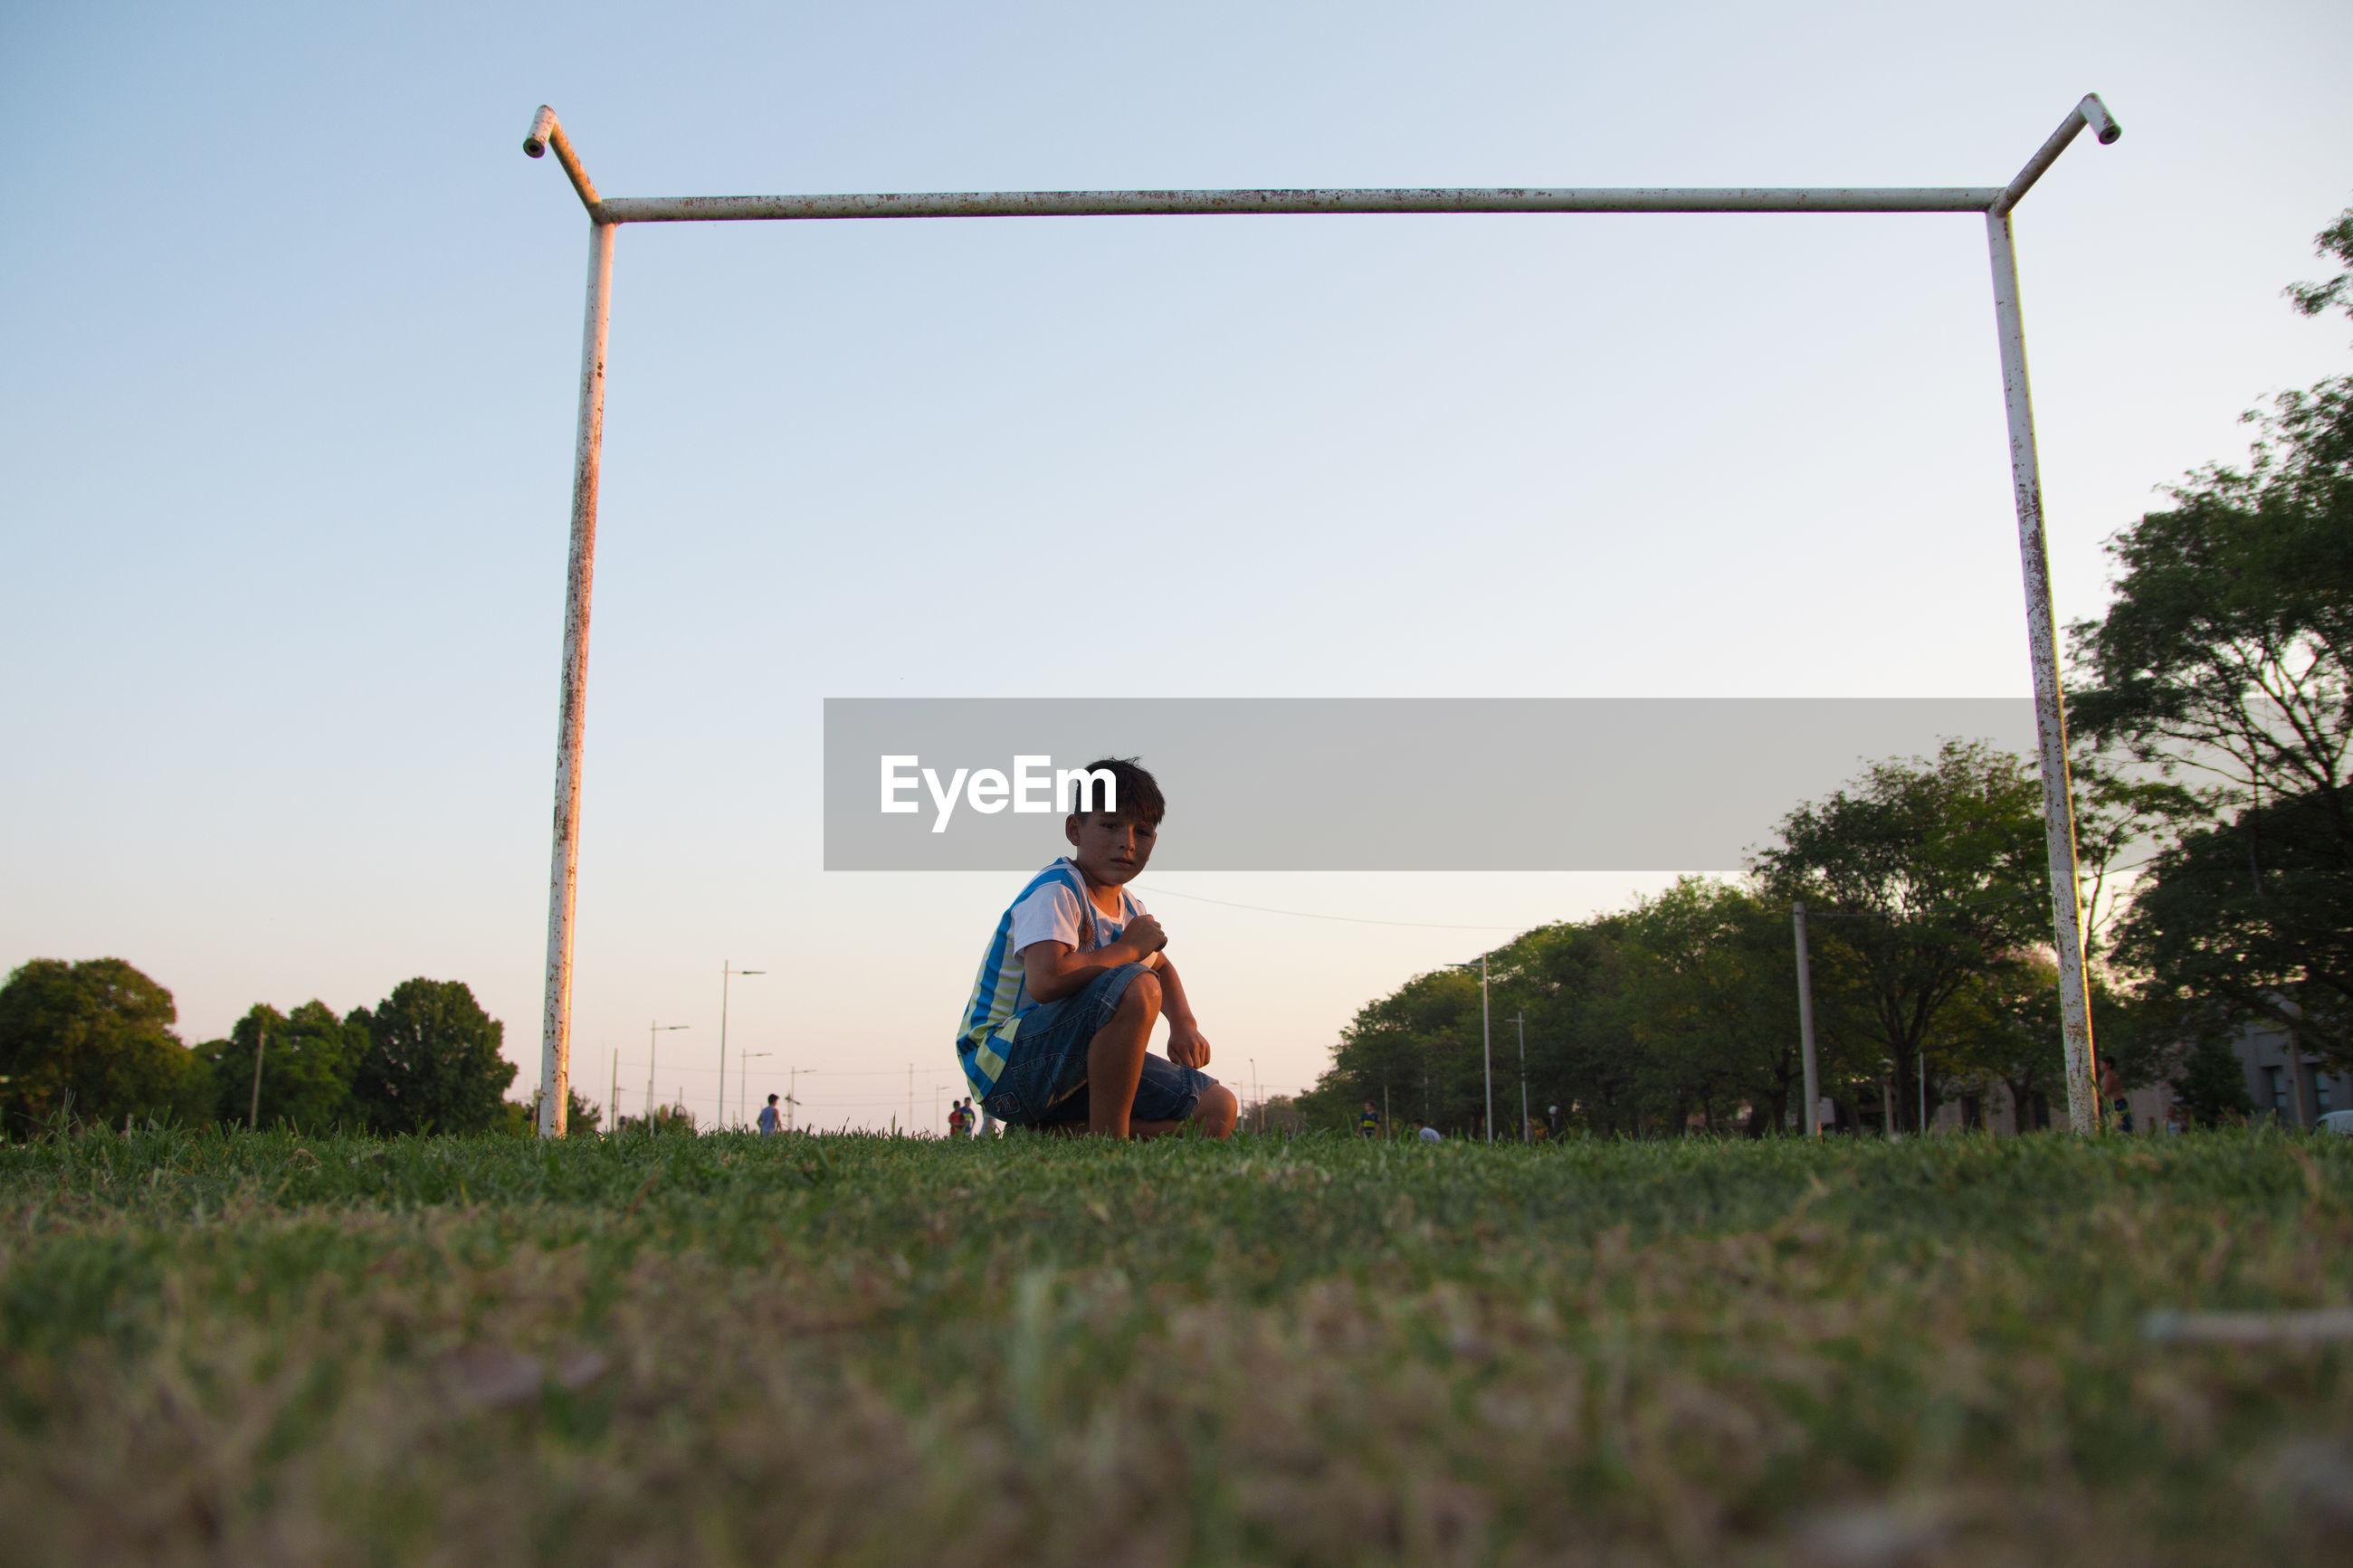 BOY SITTING ON FIELD AGAINST CLEAR SKY